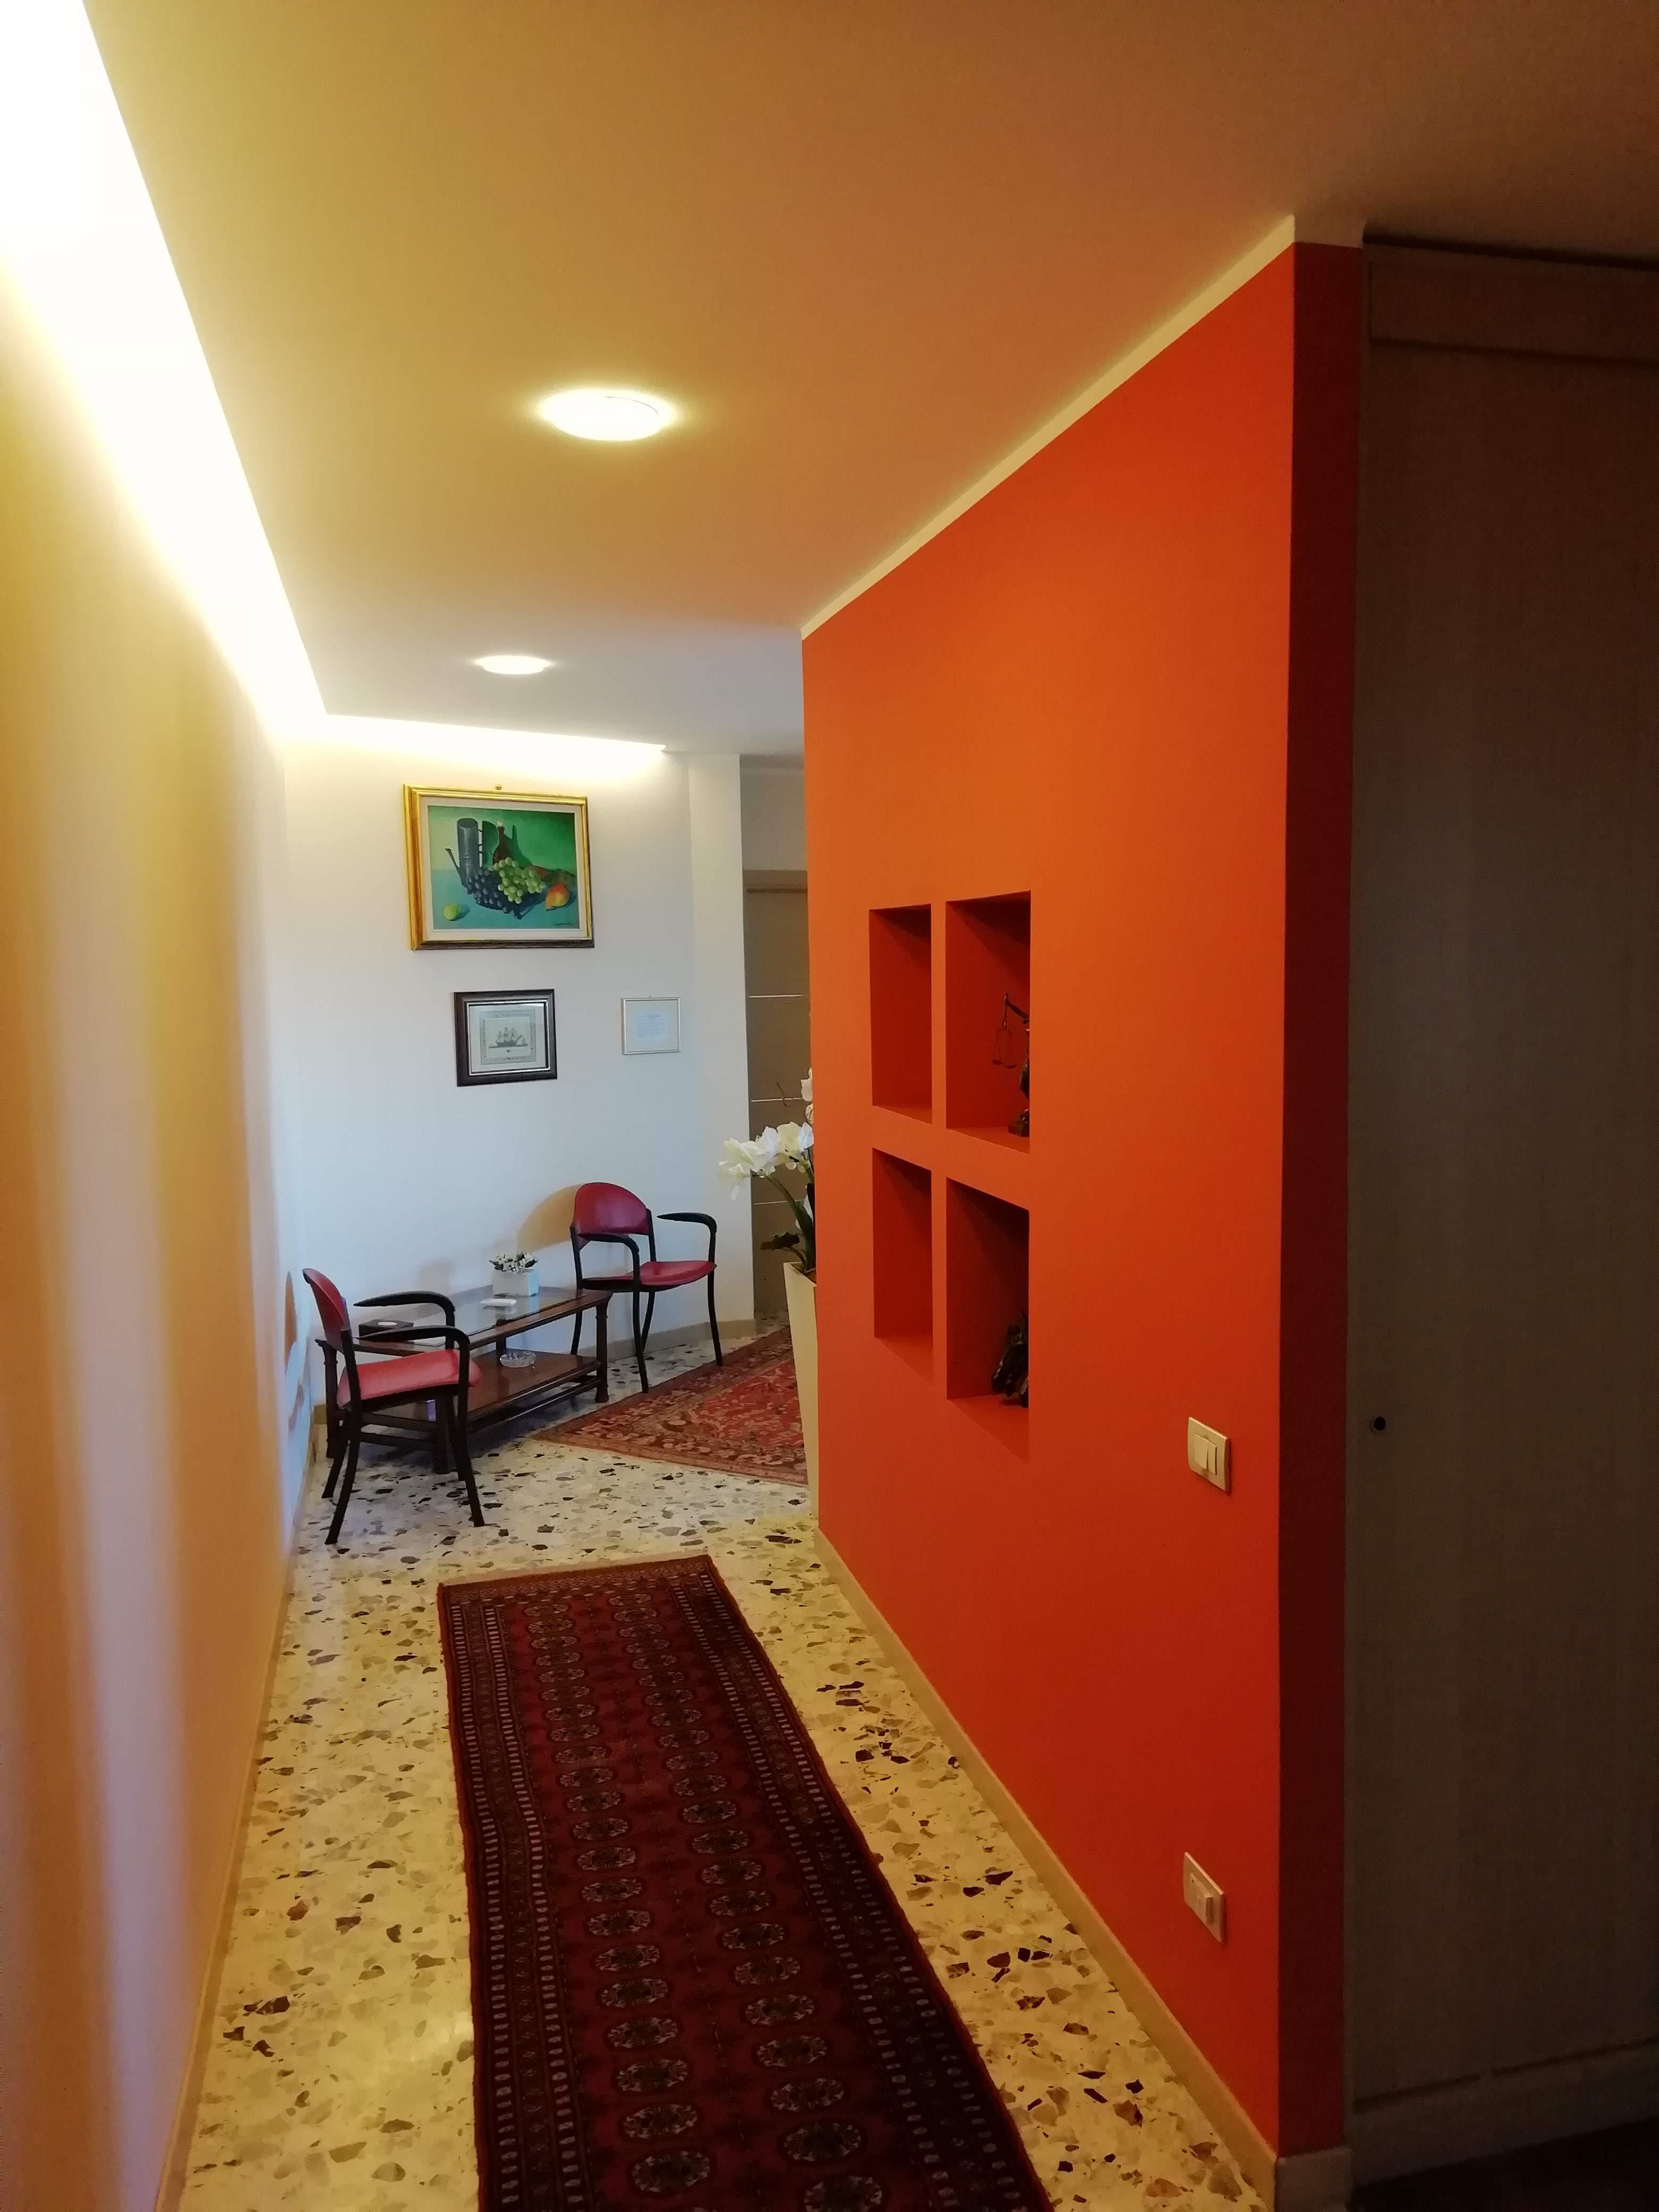 Studi Architettura Roma Lavoro home page